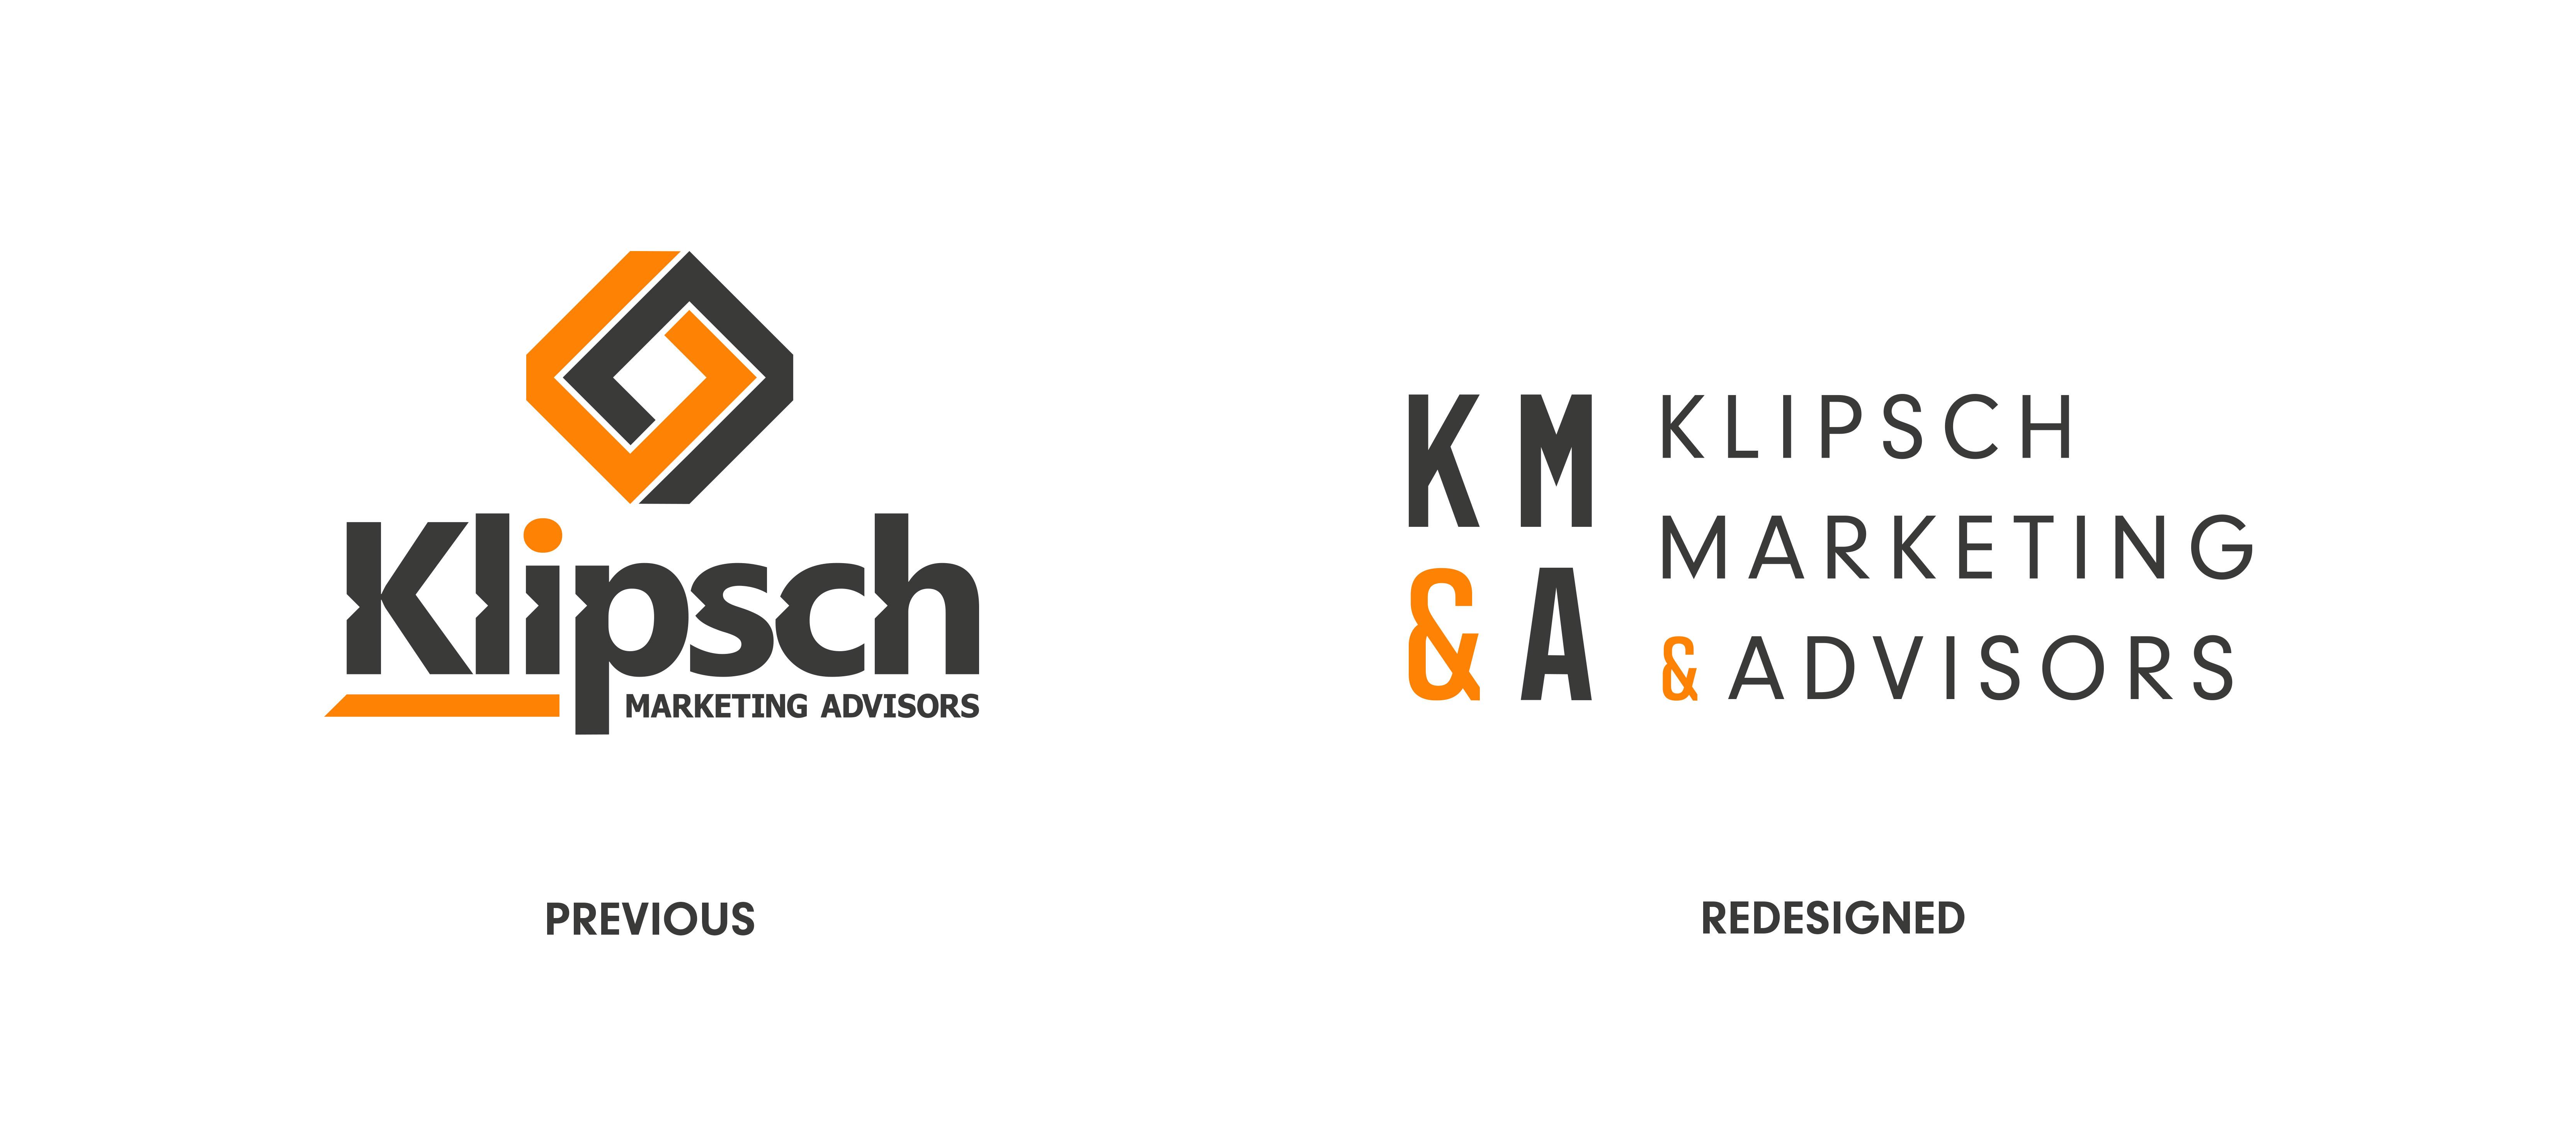 KMA Rebrand Pic1 1 Klipsch Marketing & Advisors